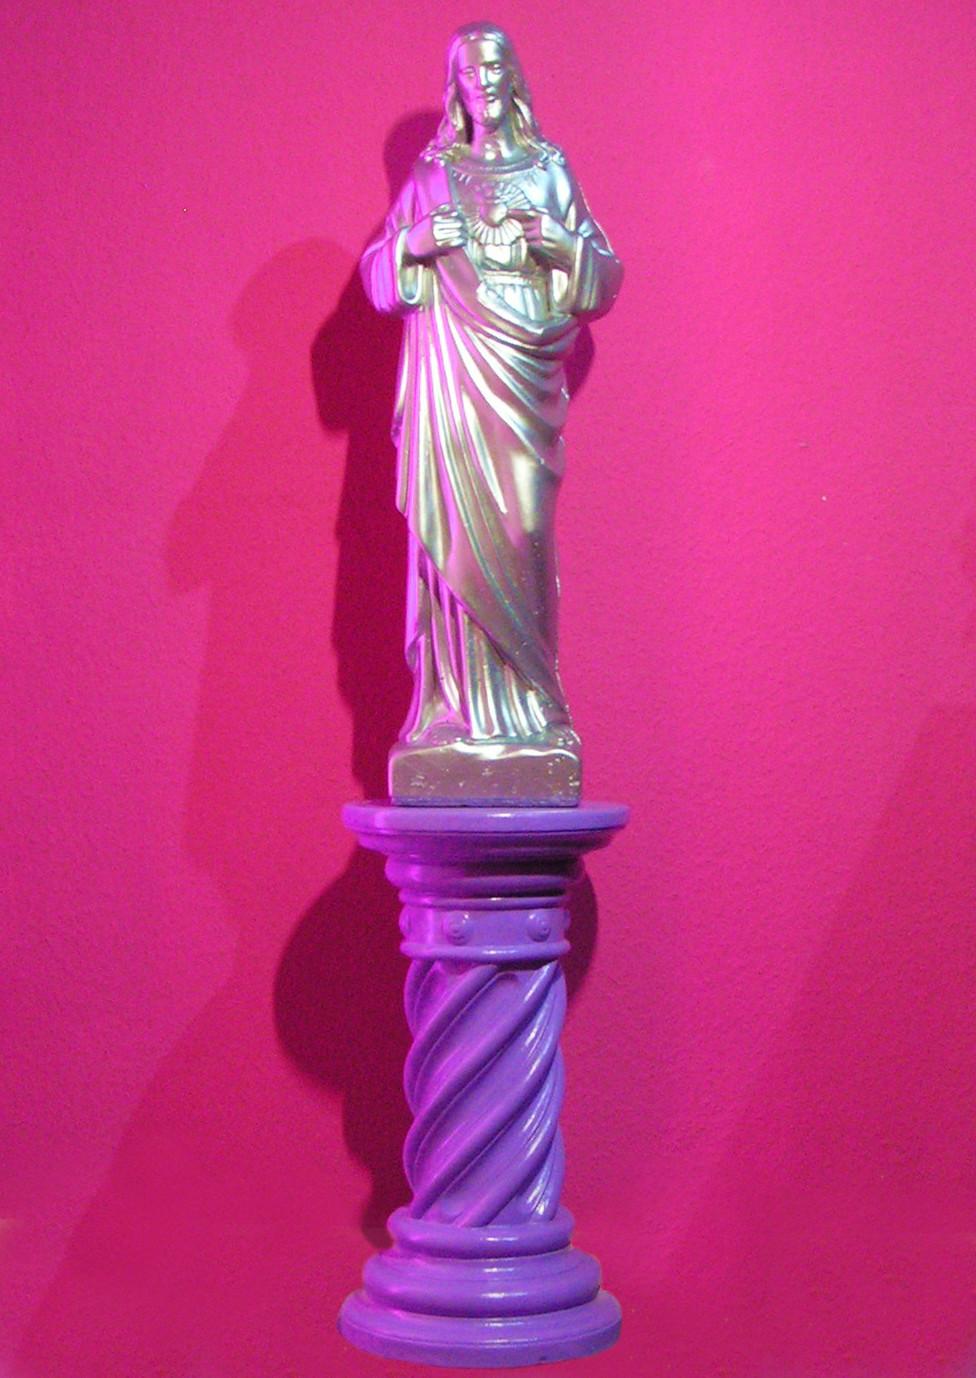 Jesus-Statue auf Podest